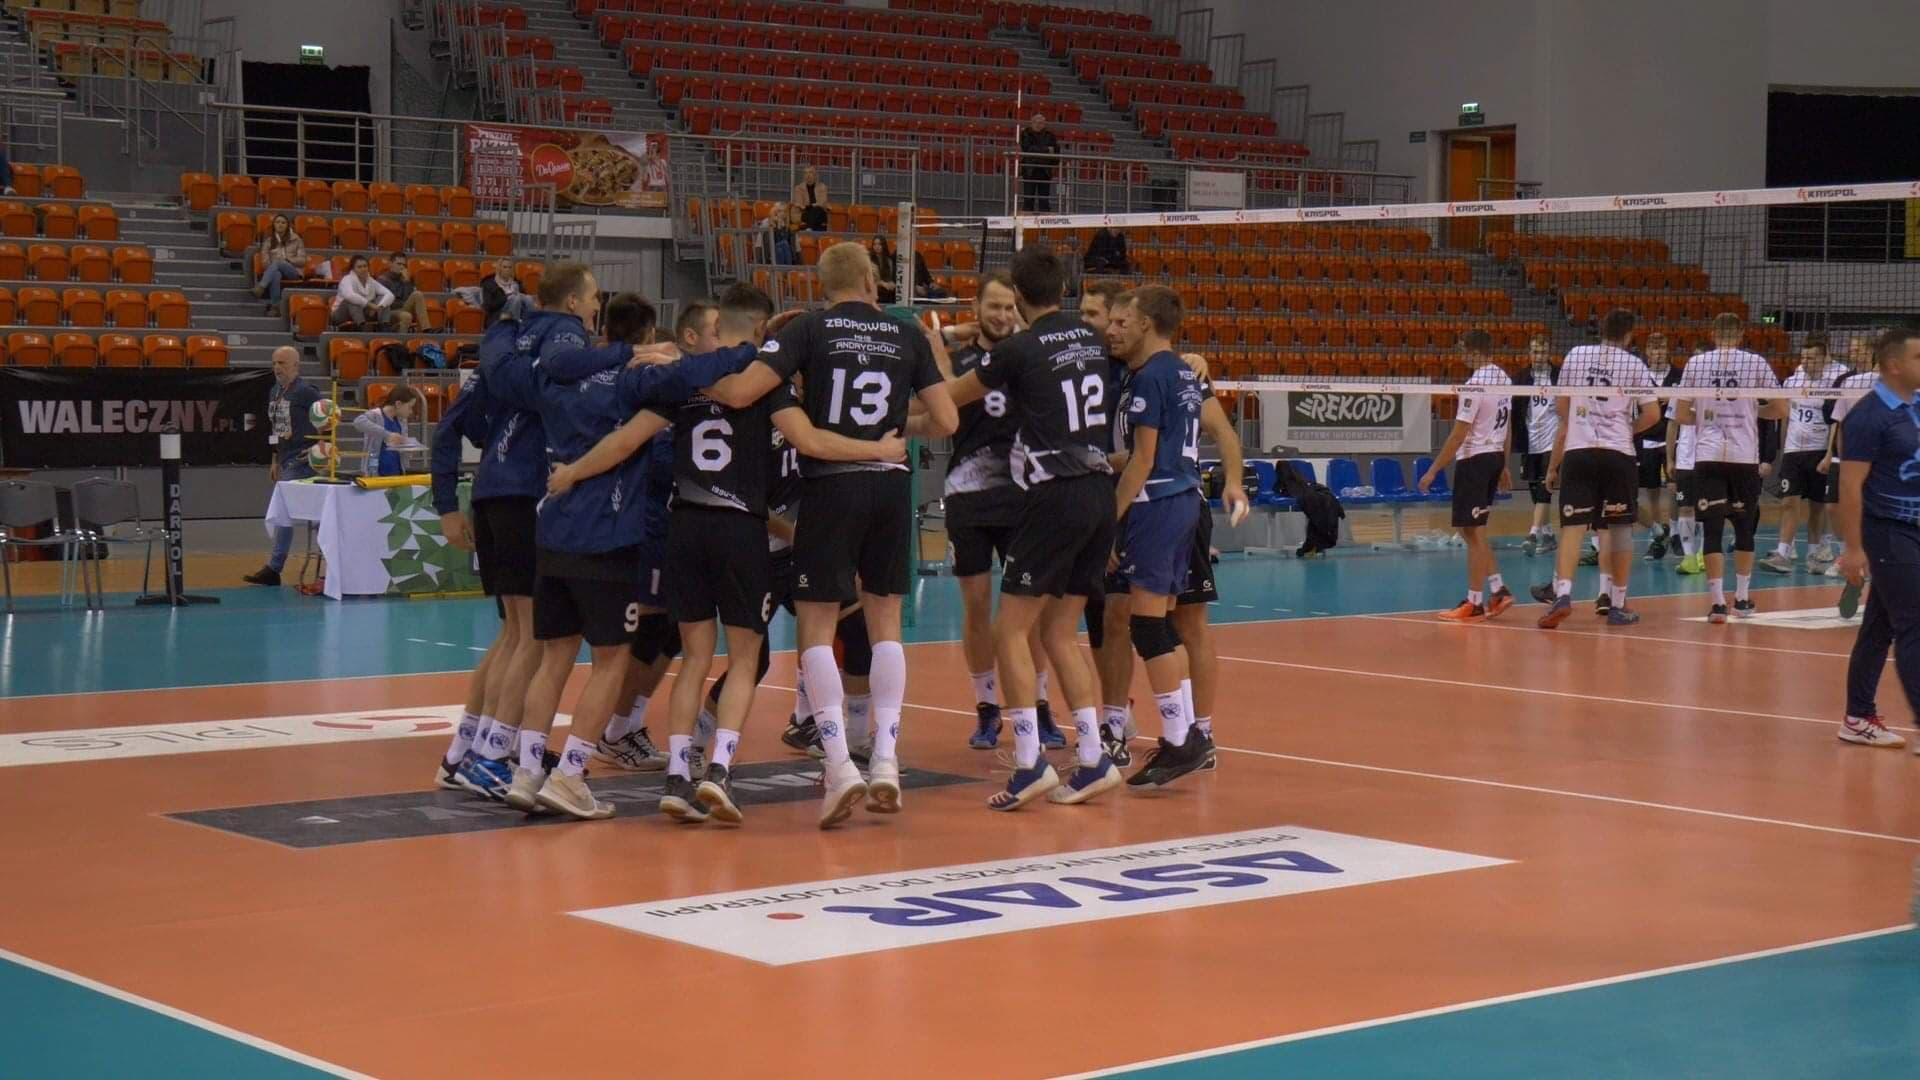 MKS i Kęczanin wygrywają sobotnie mecze